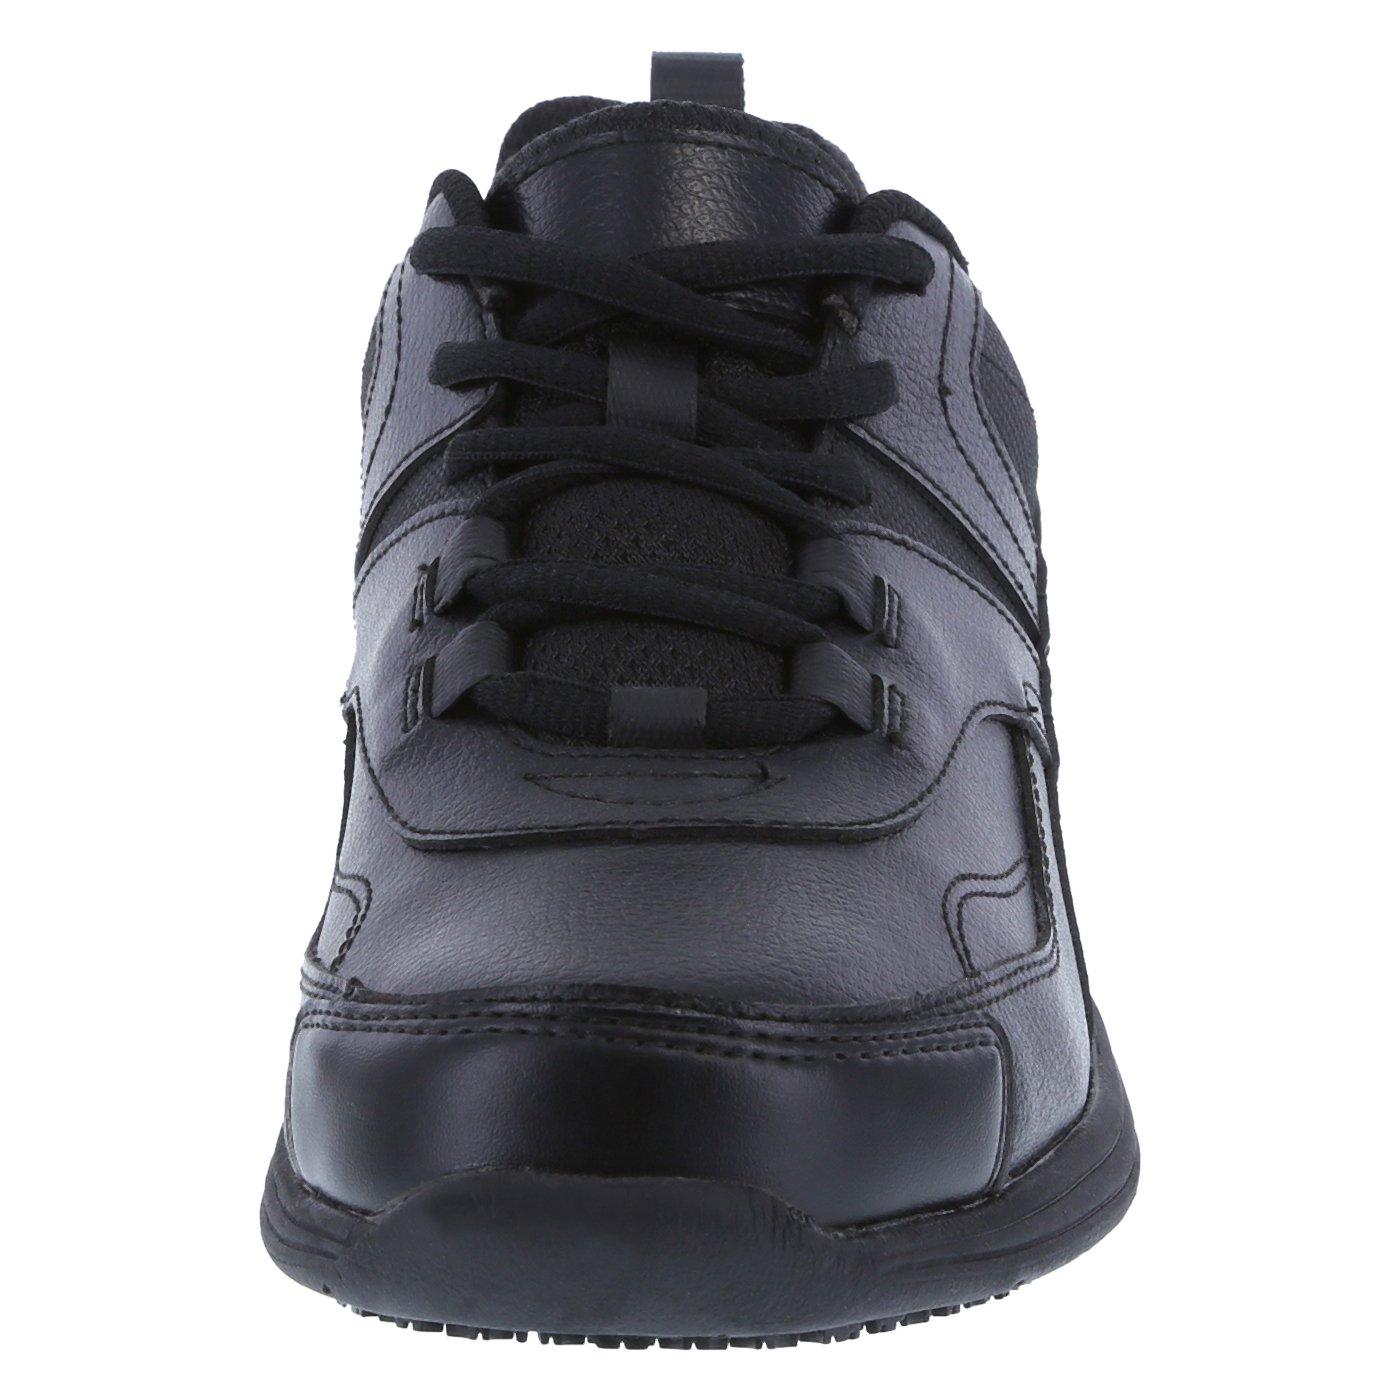 safeTstep Slip Resistant Women's Black Women's Athena Sneaker 7 Regular by safeTstep (Image #4)